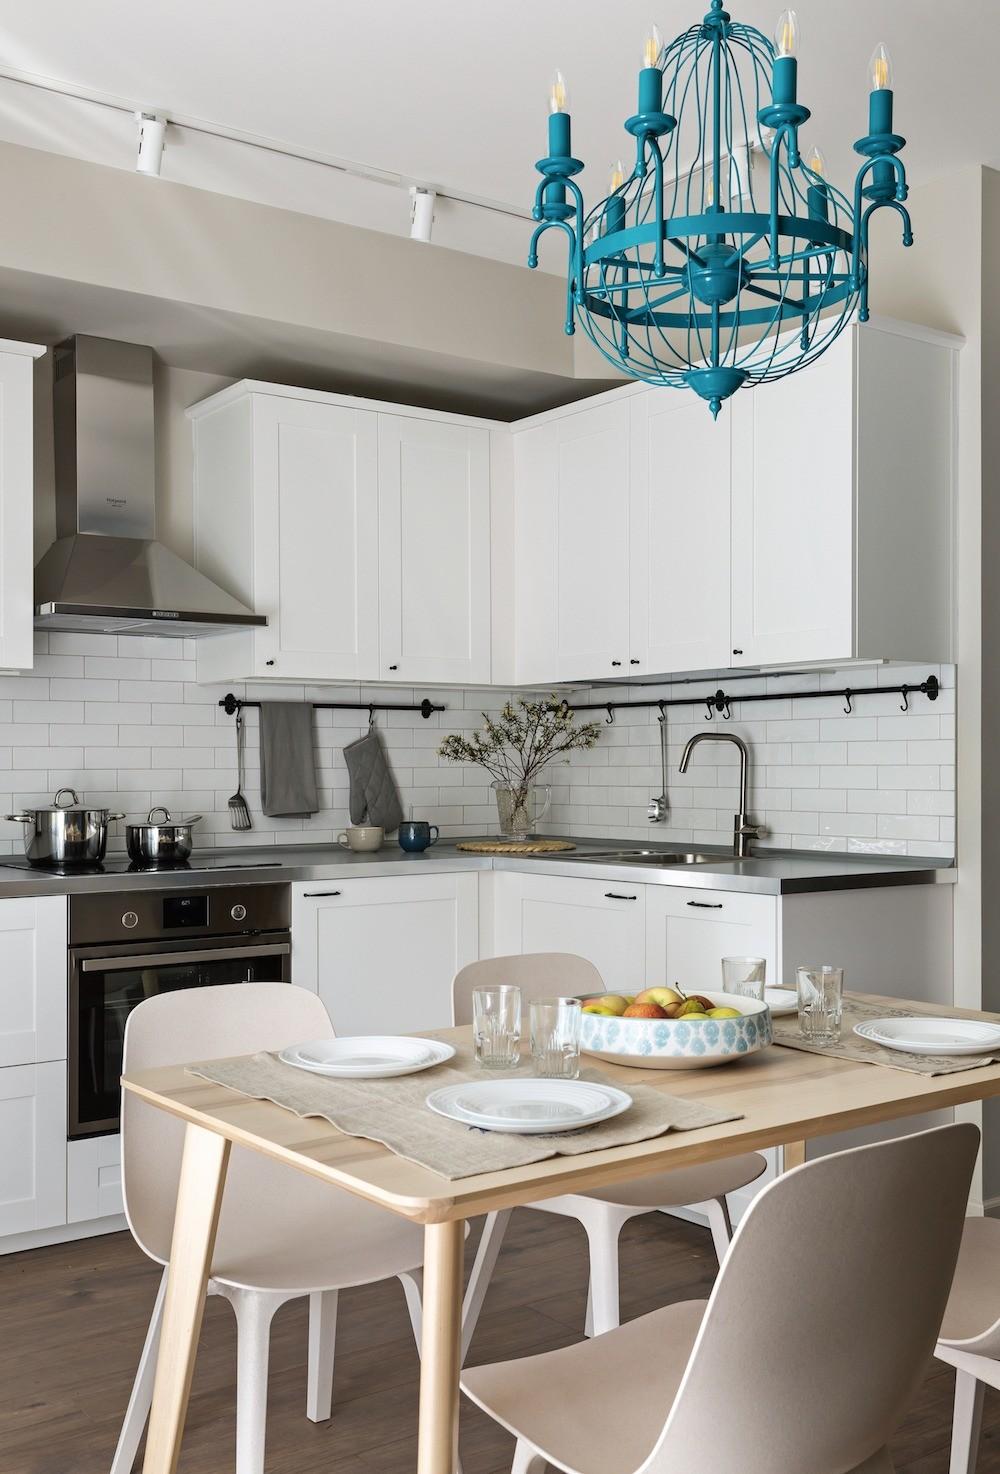 Трековая система повторяет напотолке контур кухонной композиции иобеспечивает хорошую освещённость врабочей зоне спомощью направленных светильников